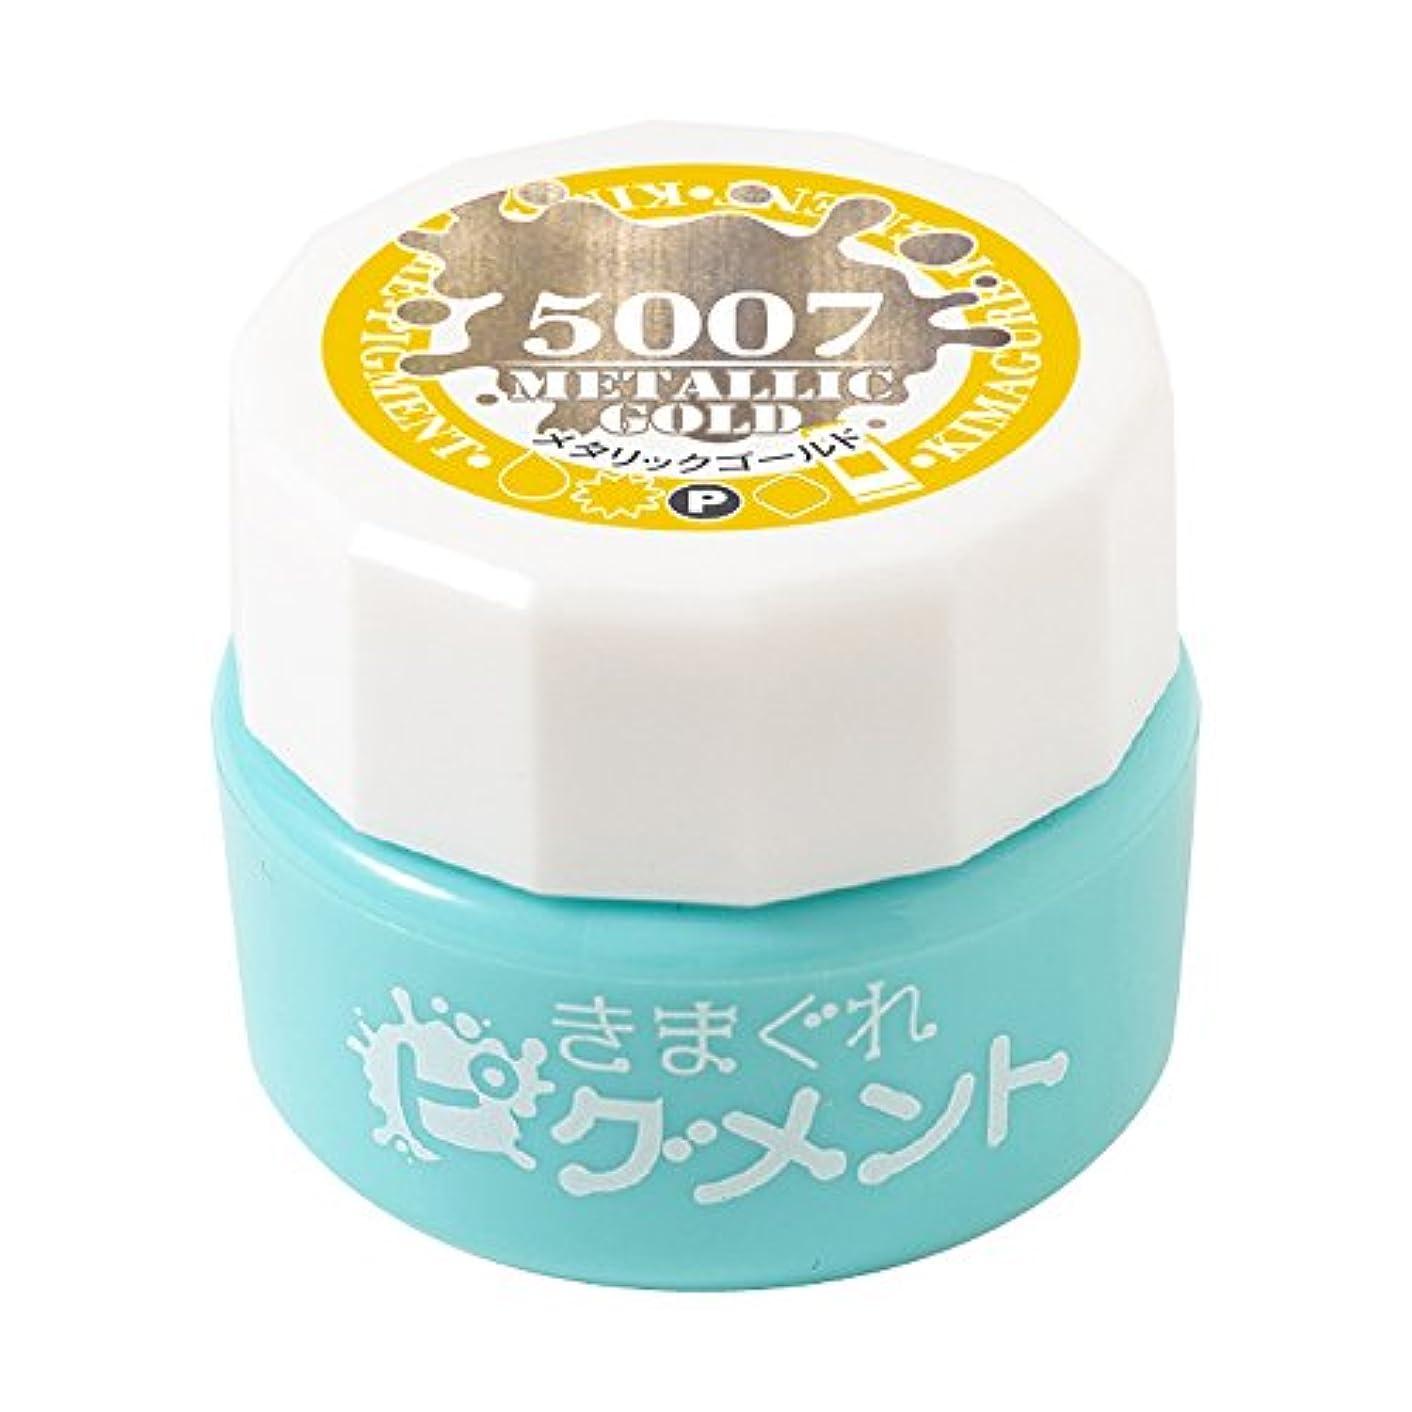 Bettygel きまぐれピグメント メタリックゴールド QYJ-5007 4g UV/LED対応